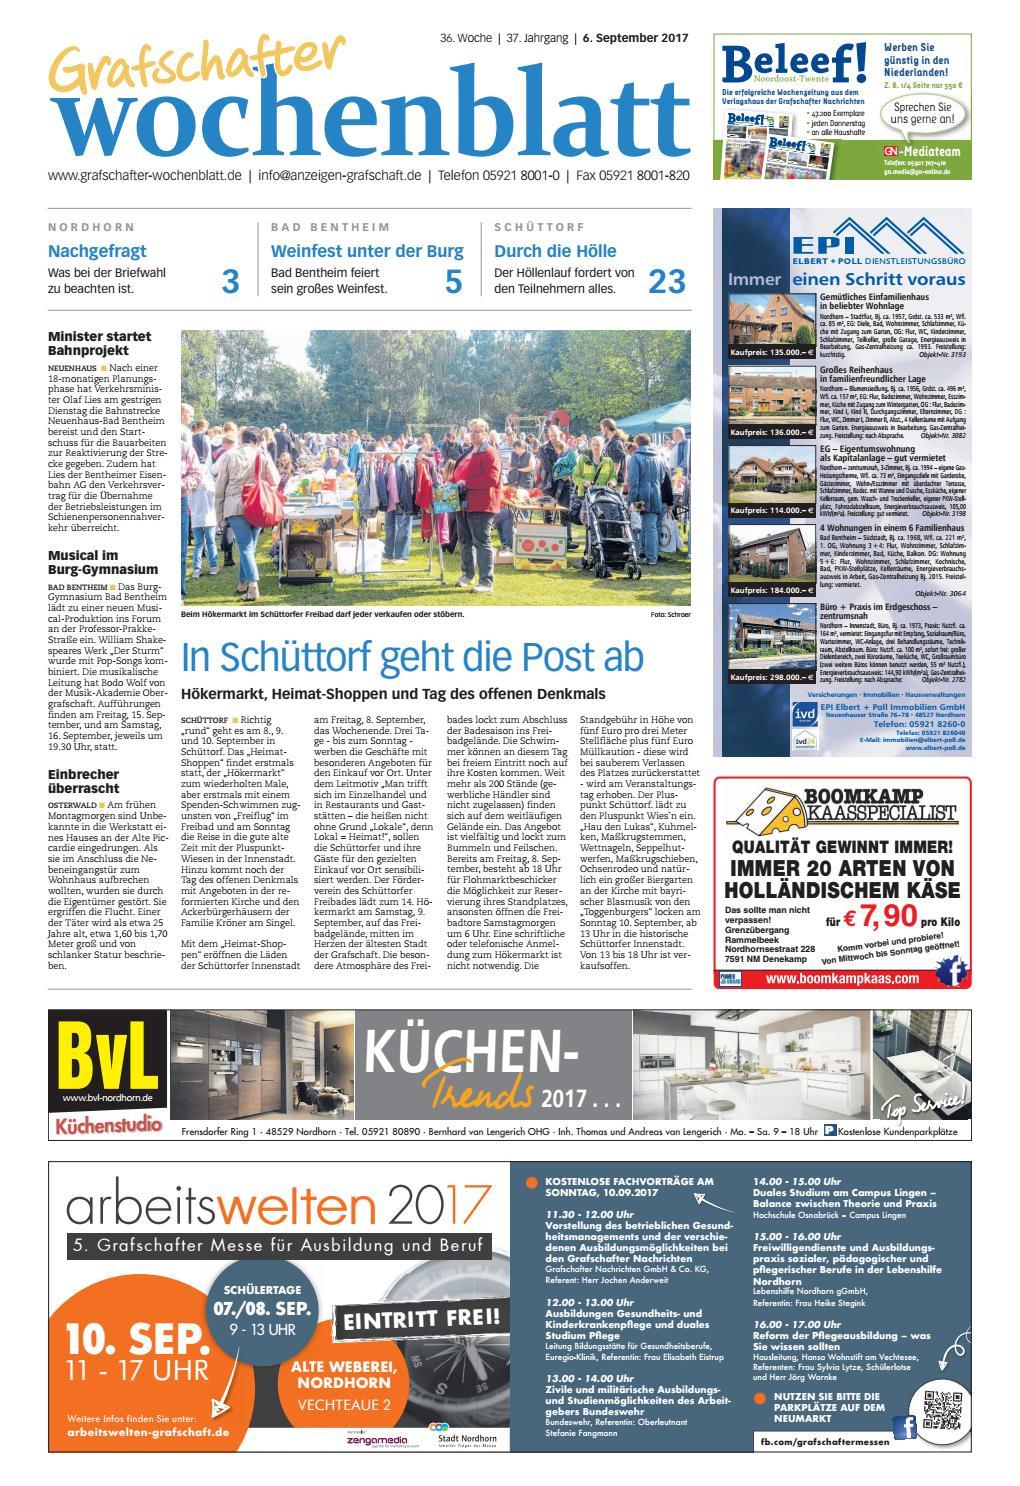 Grafschafter Wochenblatt 6. September 2017 by SonntagsZeitung - issuu